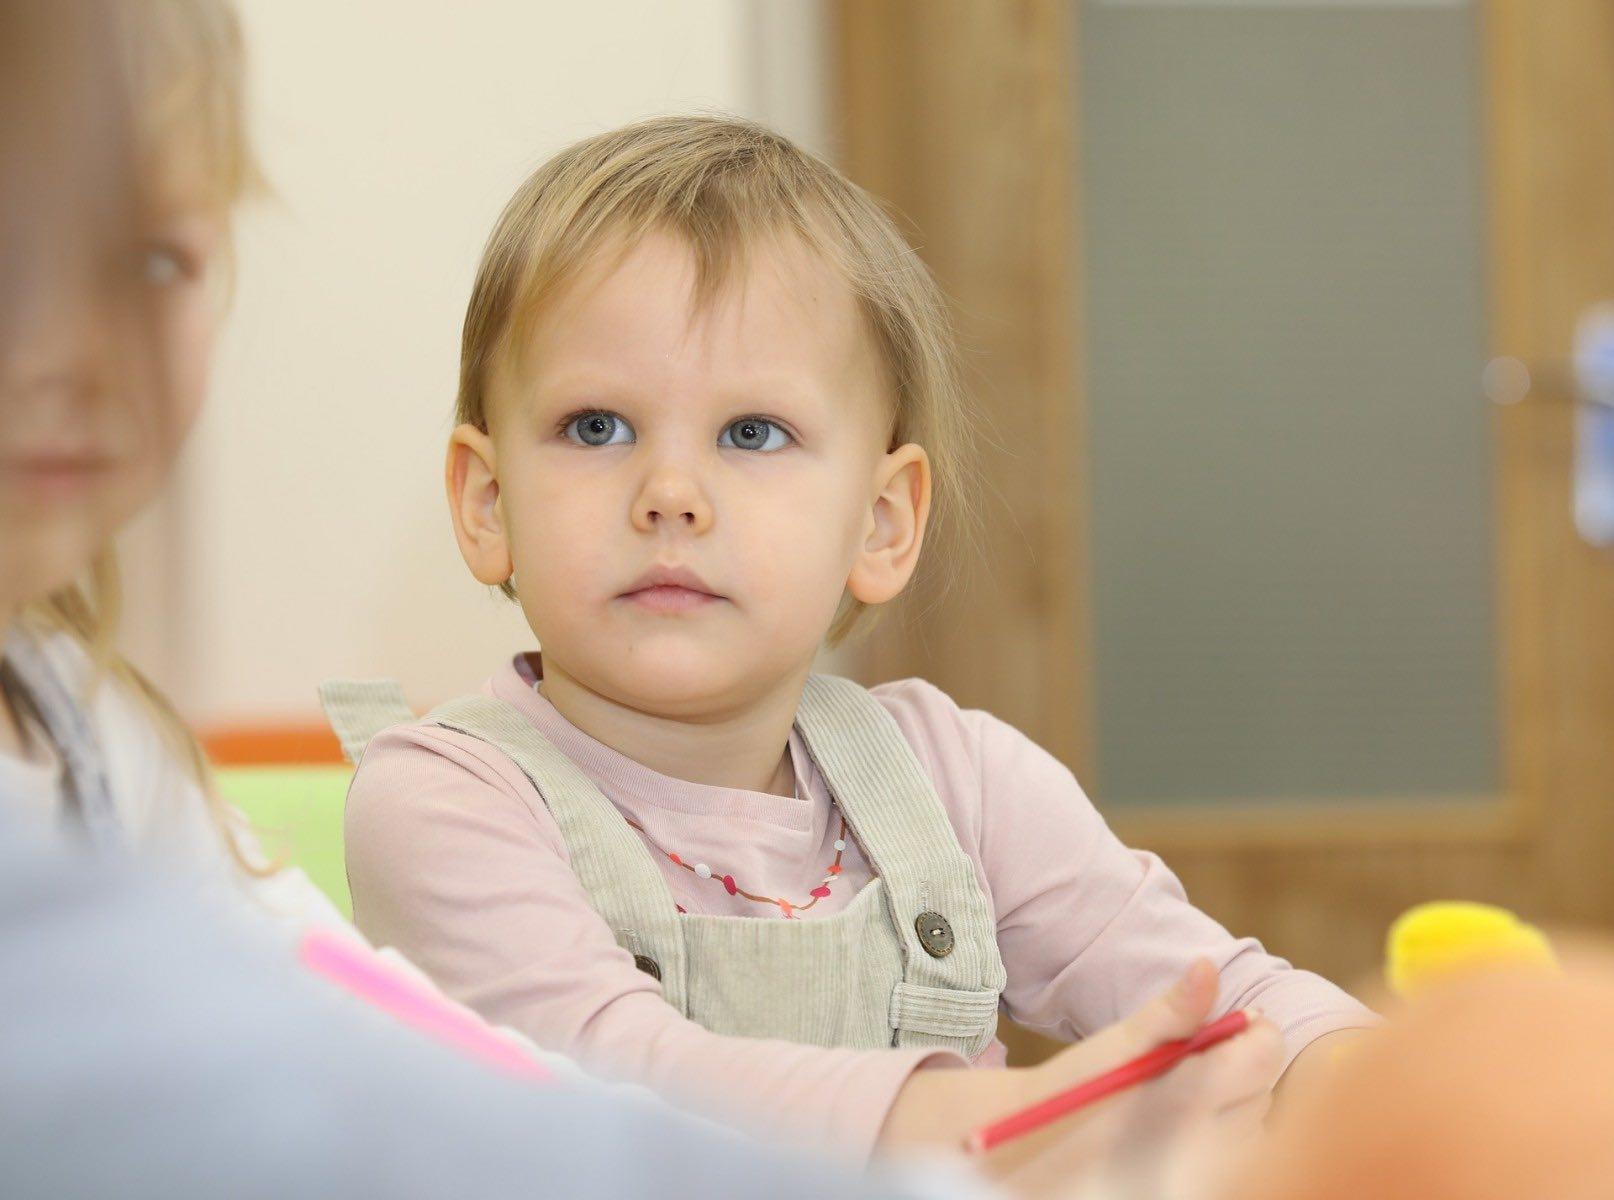 Пособия на ребенка от 3 до 7 лет в 2020 году: сумма, как оформить